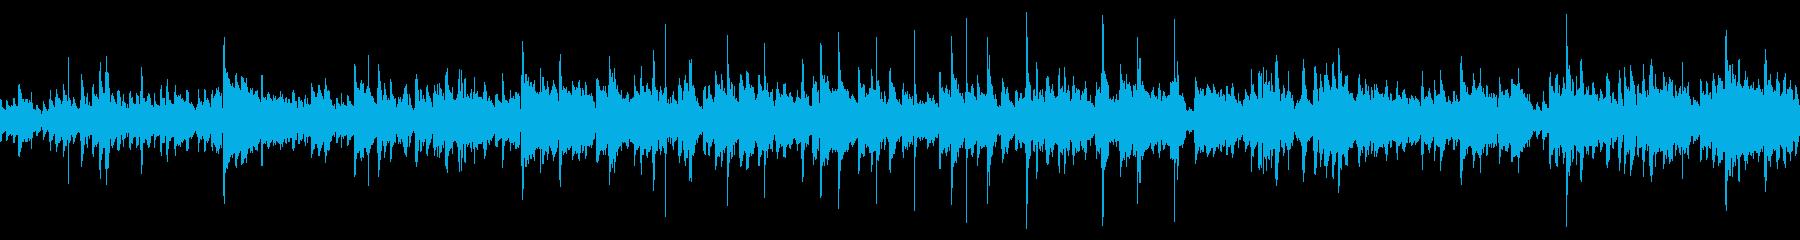 アコギ51/クール、冷たい、(ループ)の再生済みの波形